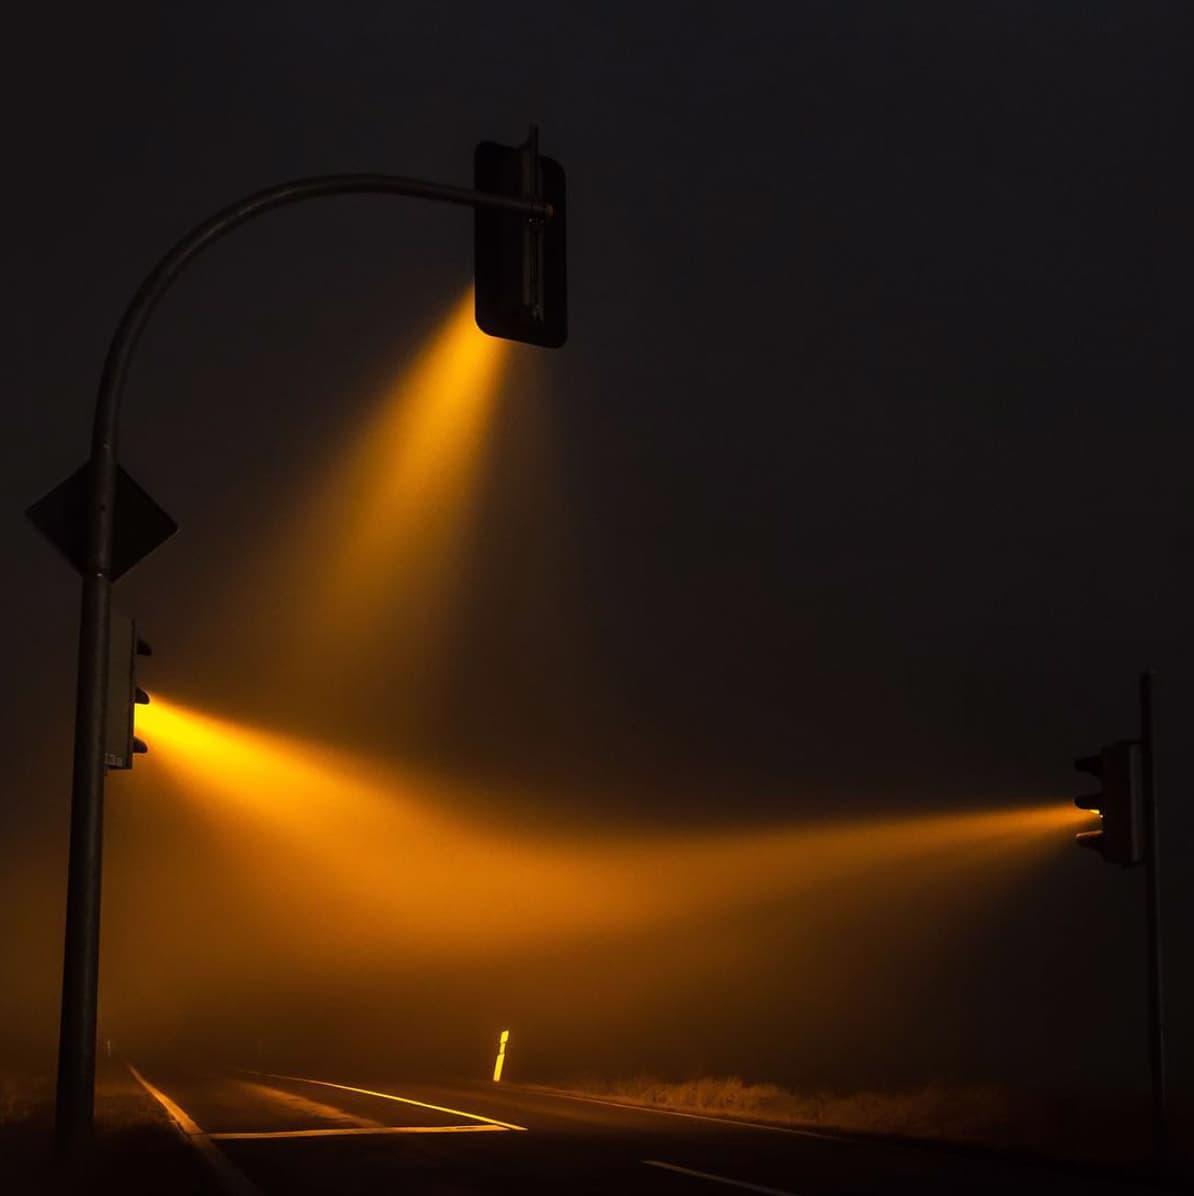 Lucas Zimmermann - Traffic Lights 2.0